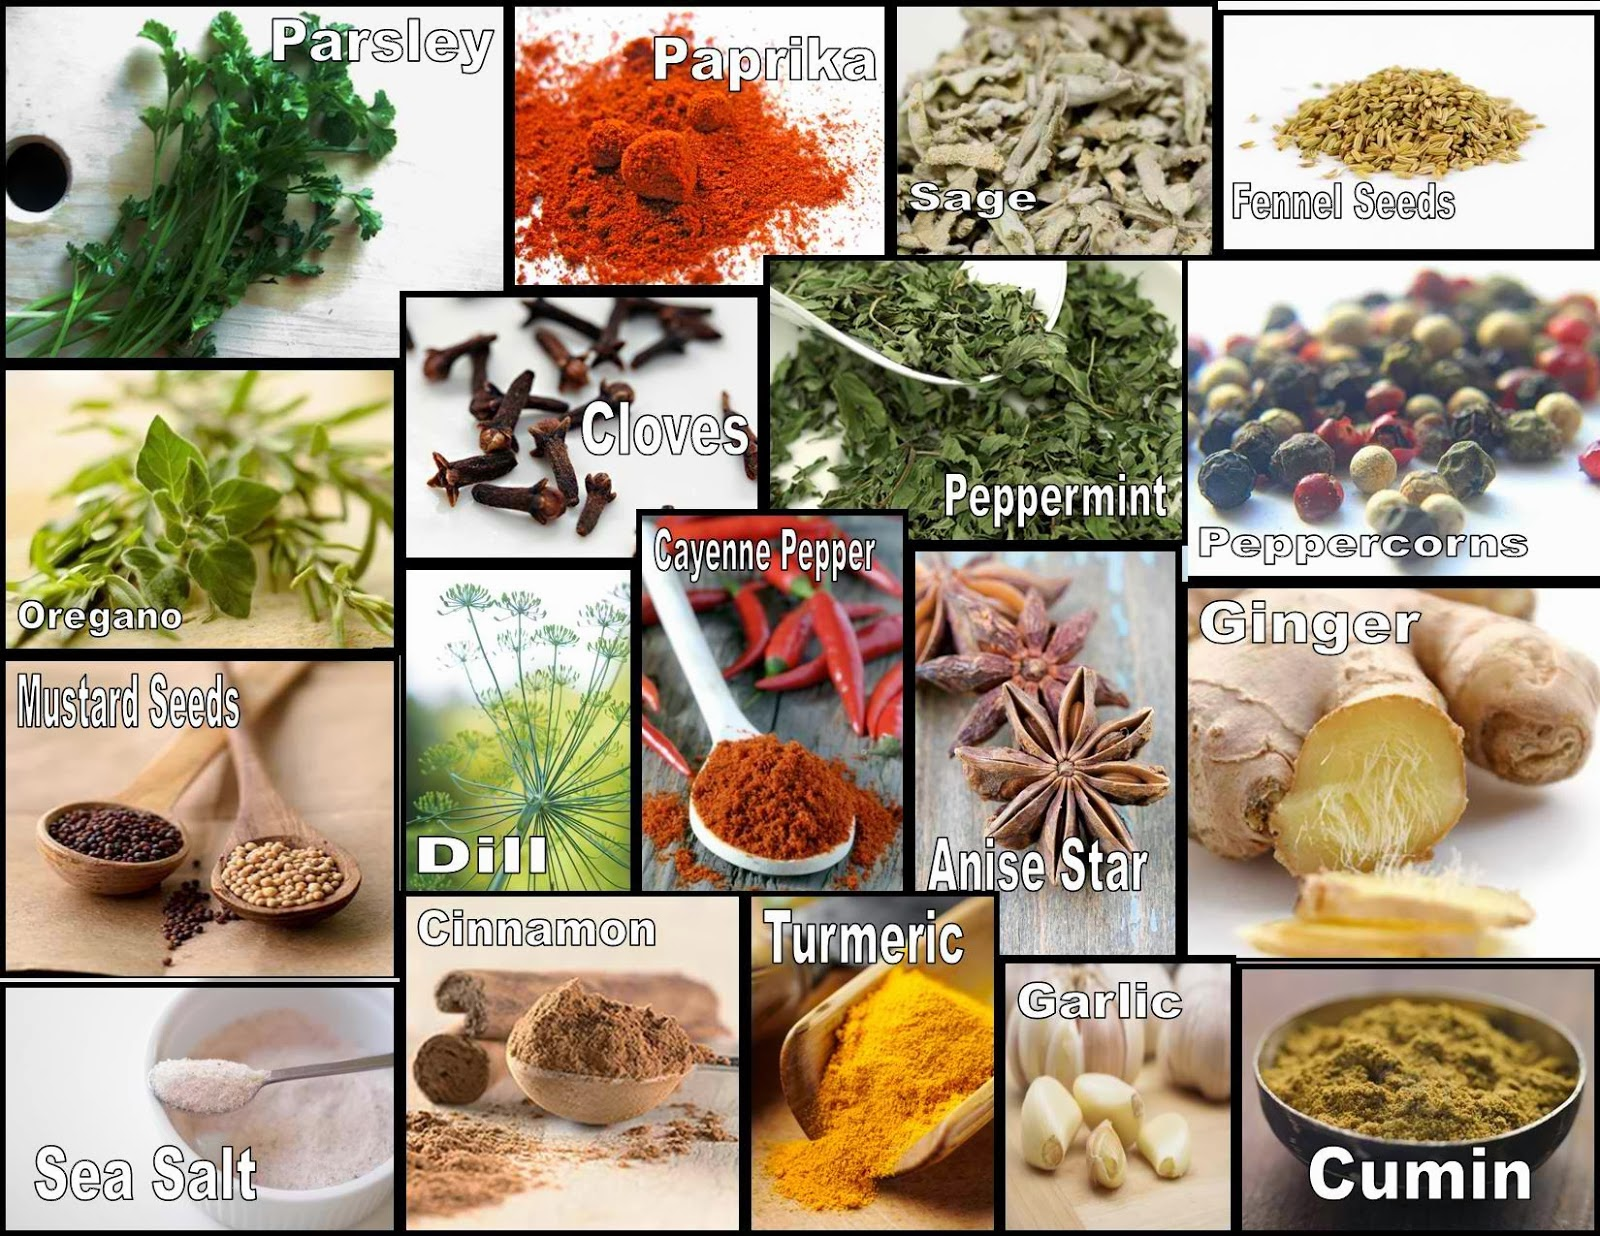 Naturlich Gesund Herbs And Spices